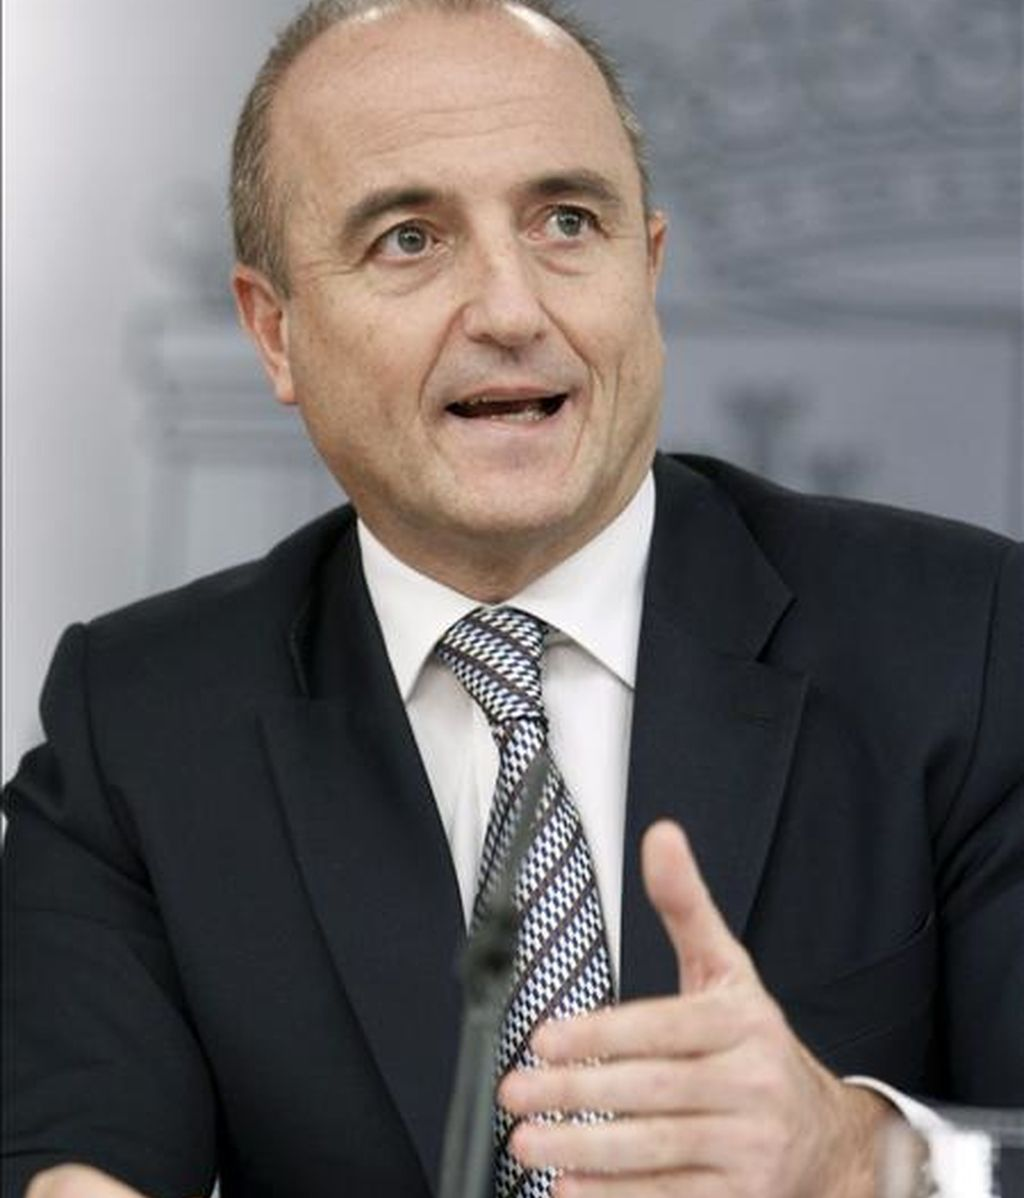 El ministro de Industria, Turismo y Comercio, Miguel Sebastián, durante la rueda de prensa posterior a la reunión del Consejo de Ministros. EFE